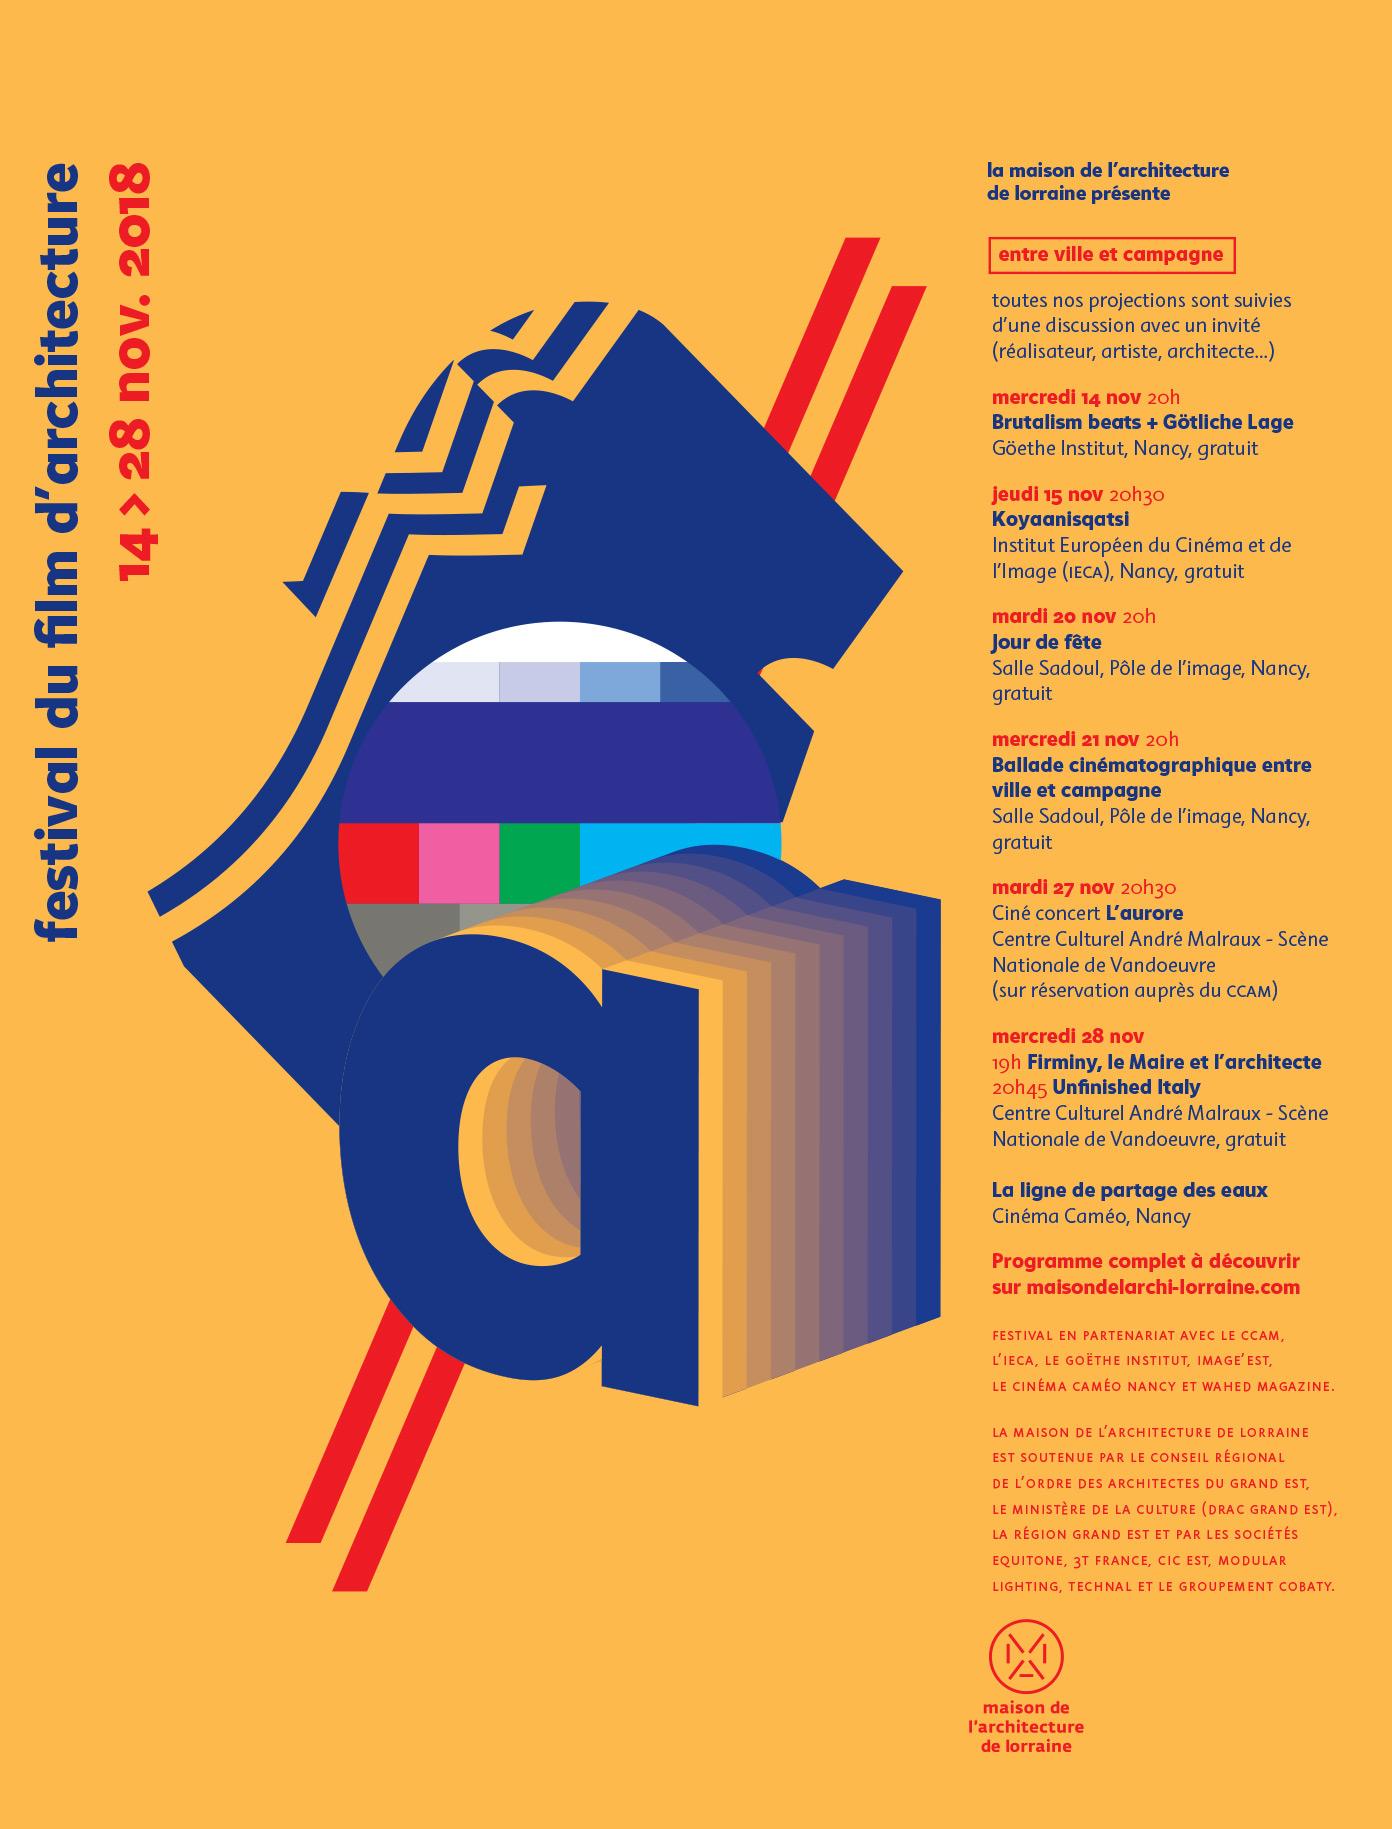 Liste Ordre Des Architectes festival   la maison de l'architecture de lorraine